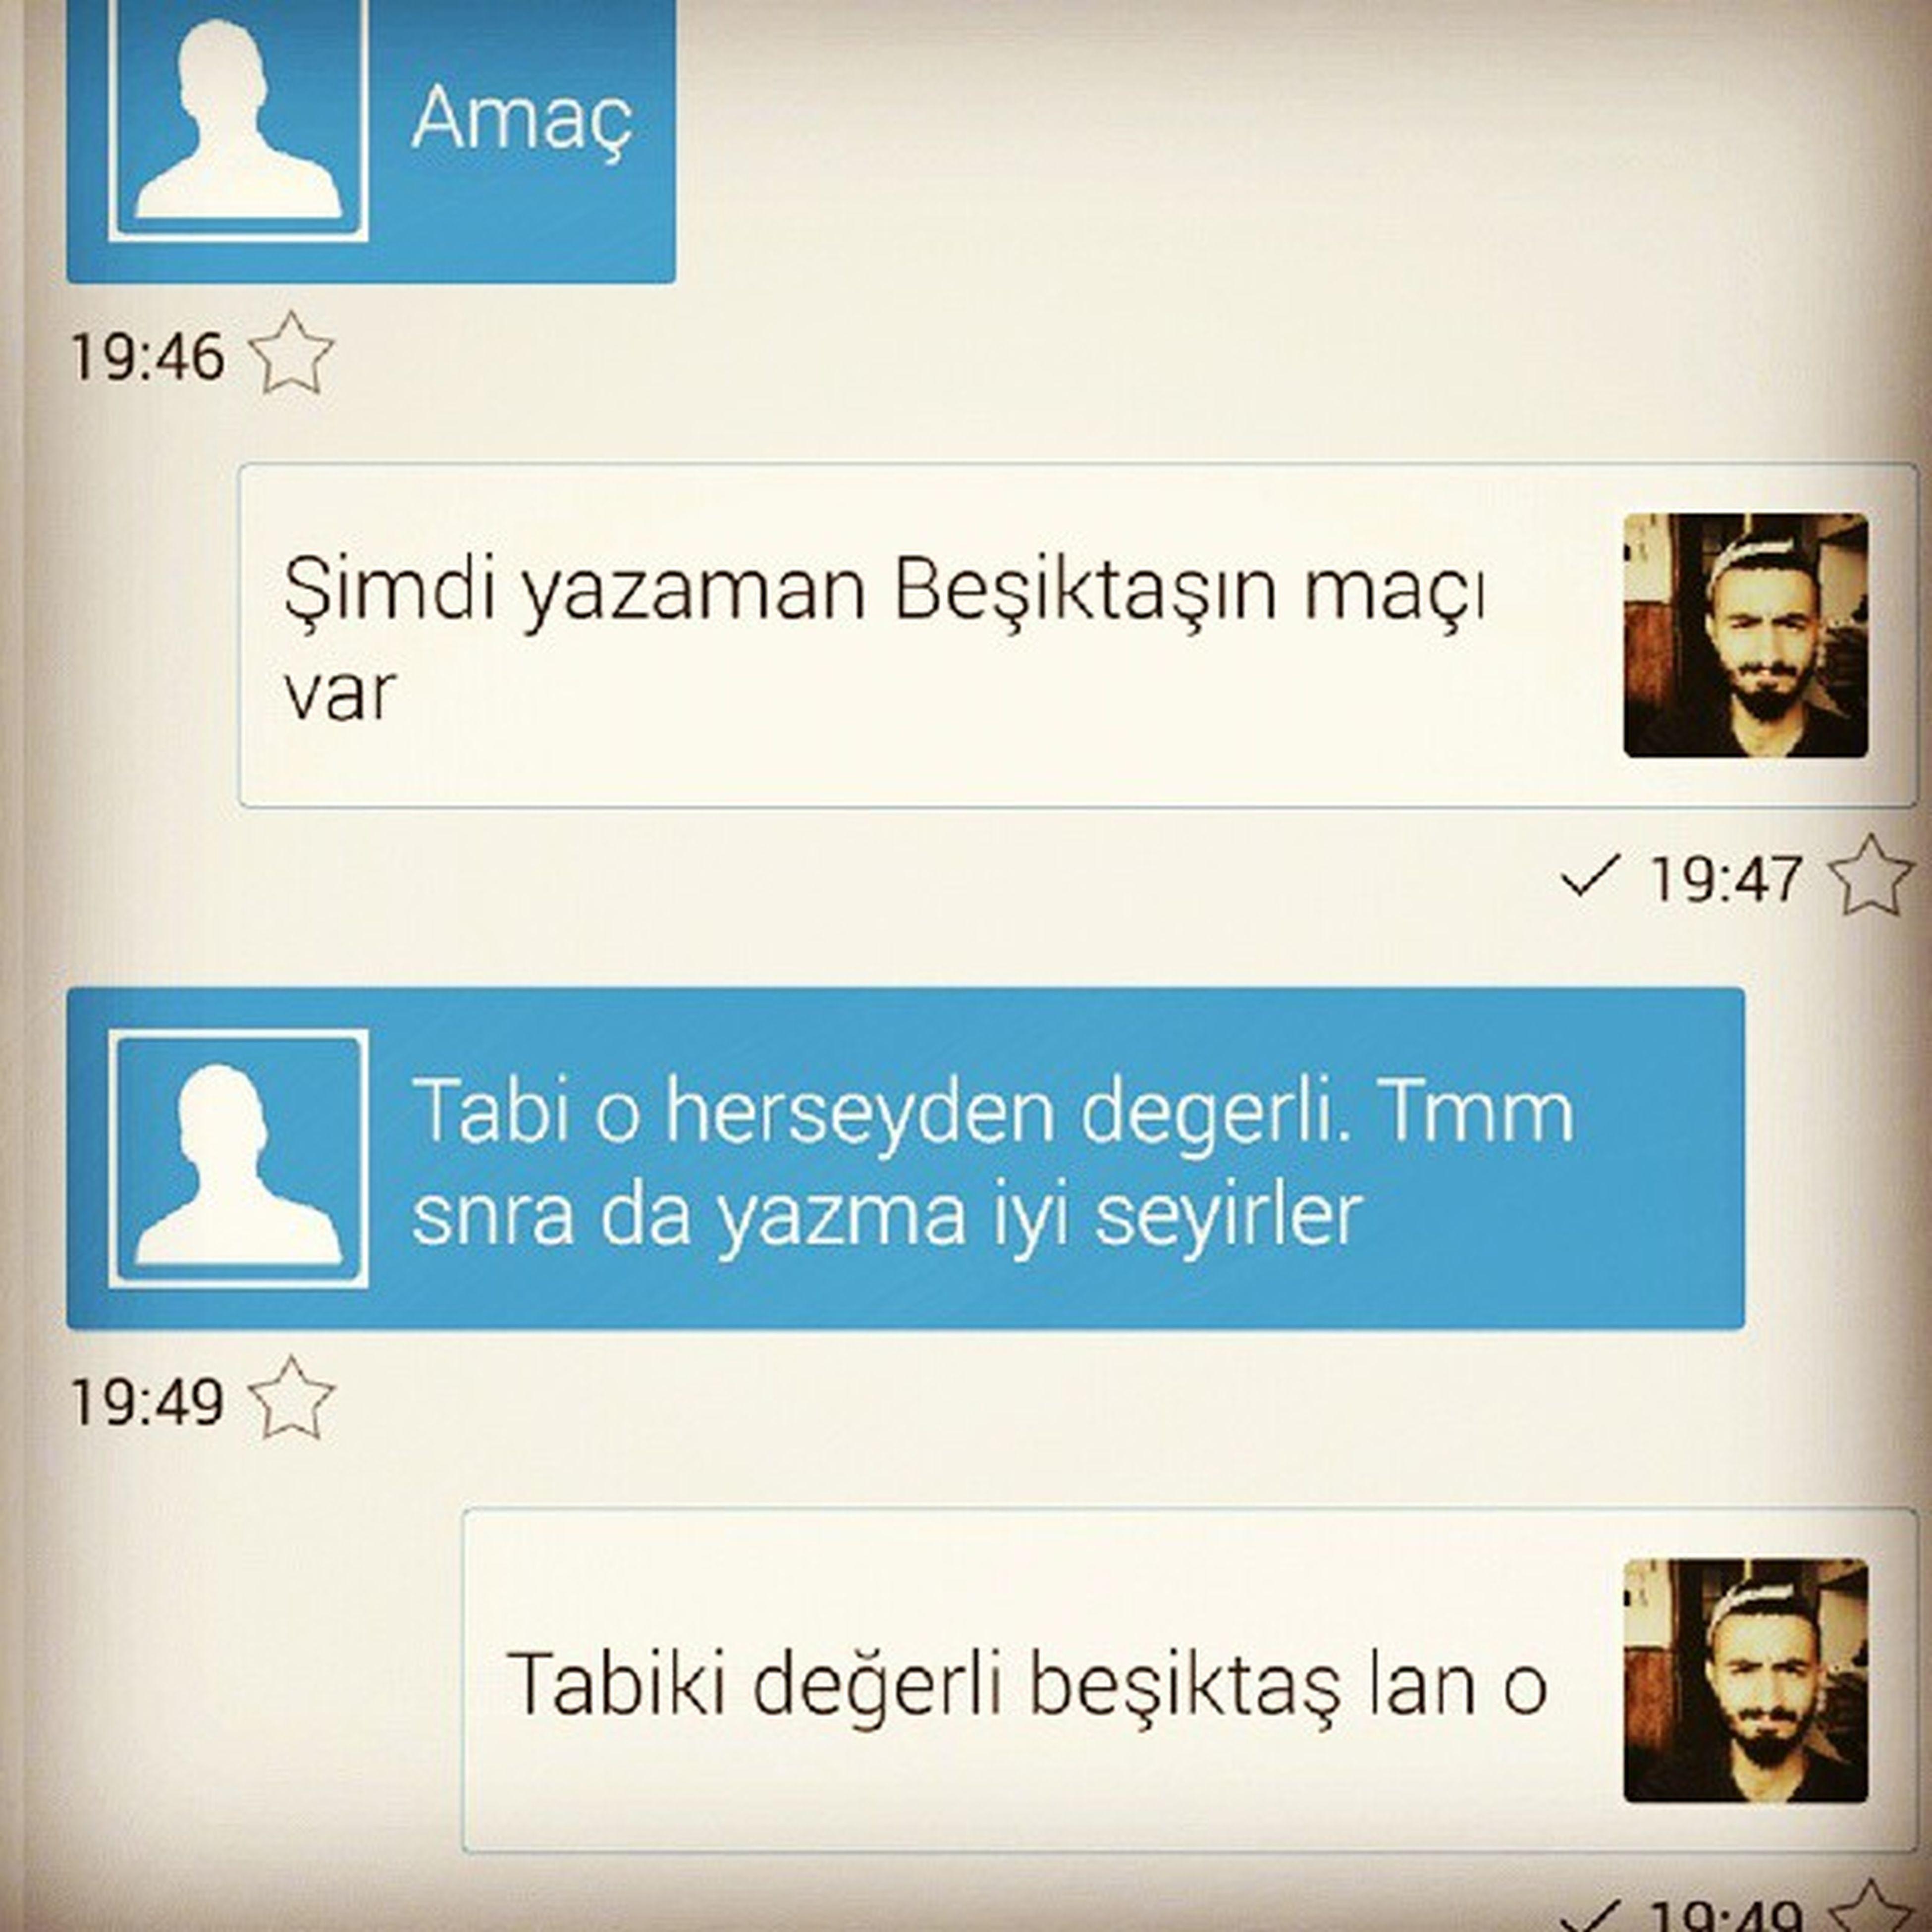 Beşiktaşvarkengerisihikaye ;-)